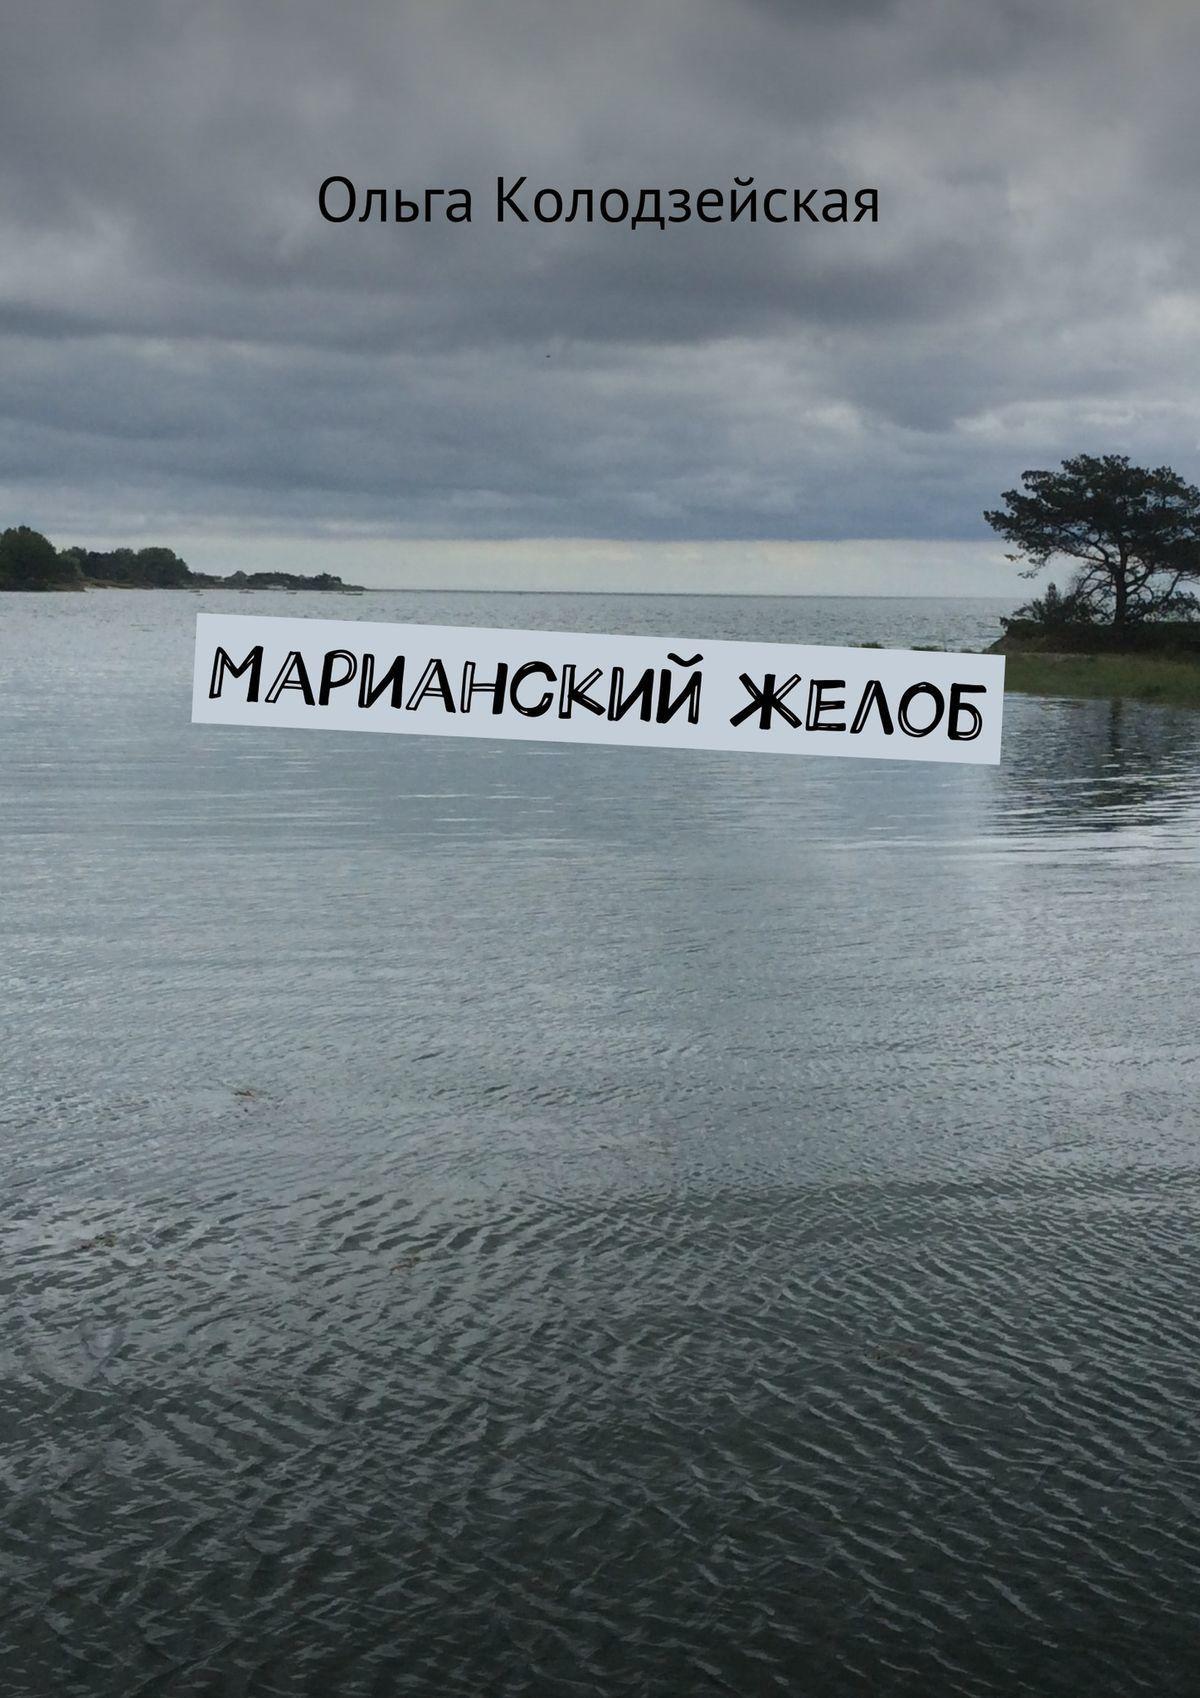 Ольга Колодзейская - Марианский желоб